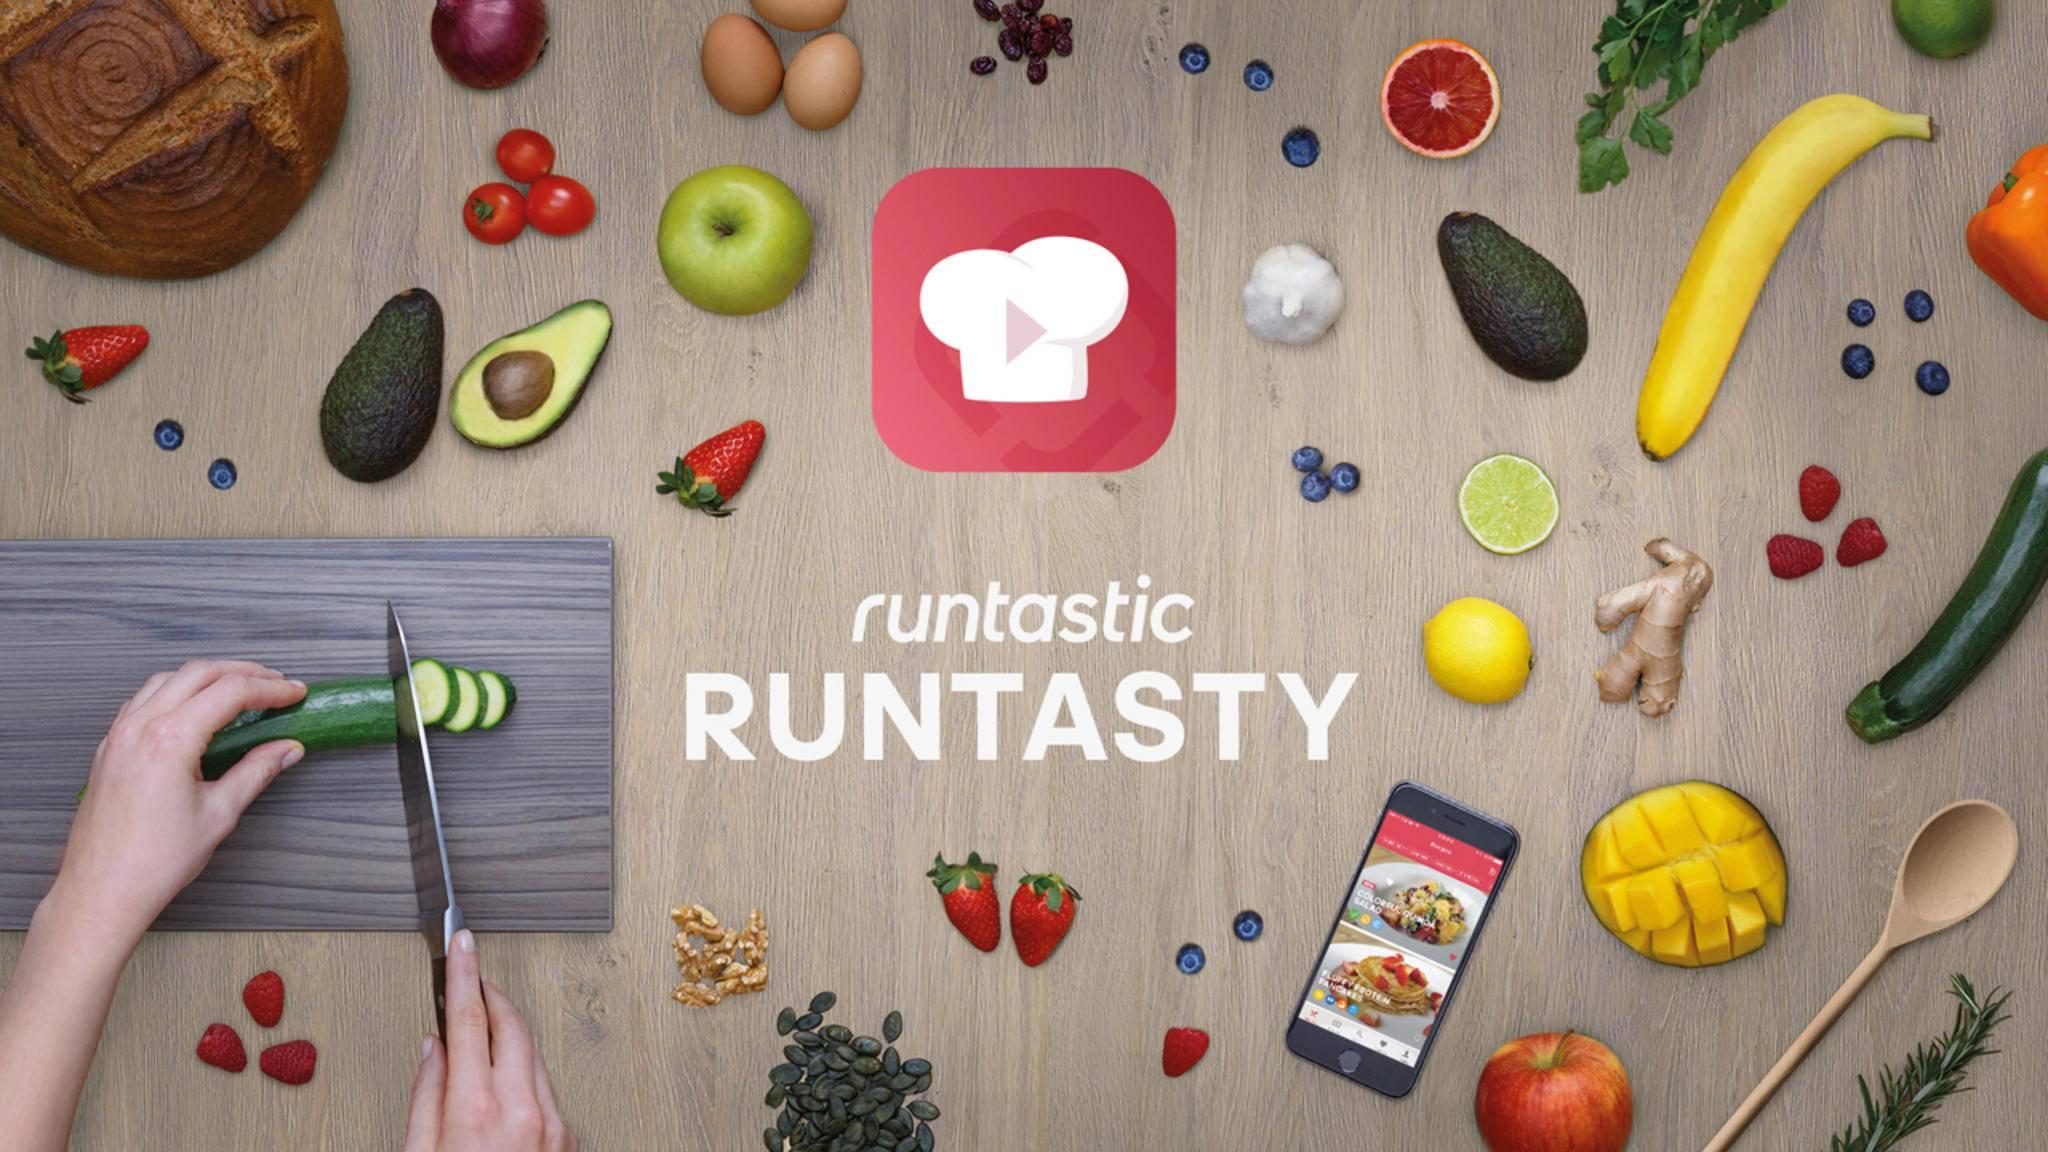 Runtastic bringt nicht nur Bewegung in Dein Leben, sondern liefert mit Runtasty auch die passenden Fitness-Rezepte.